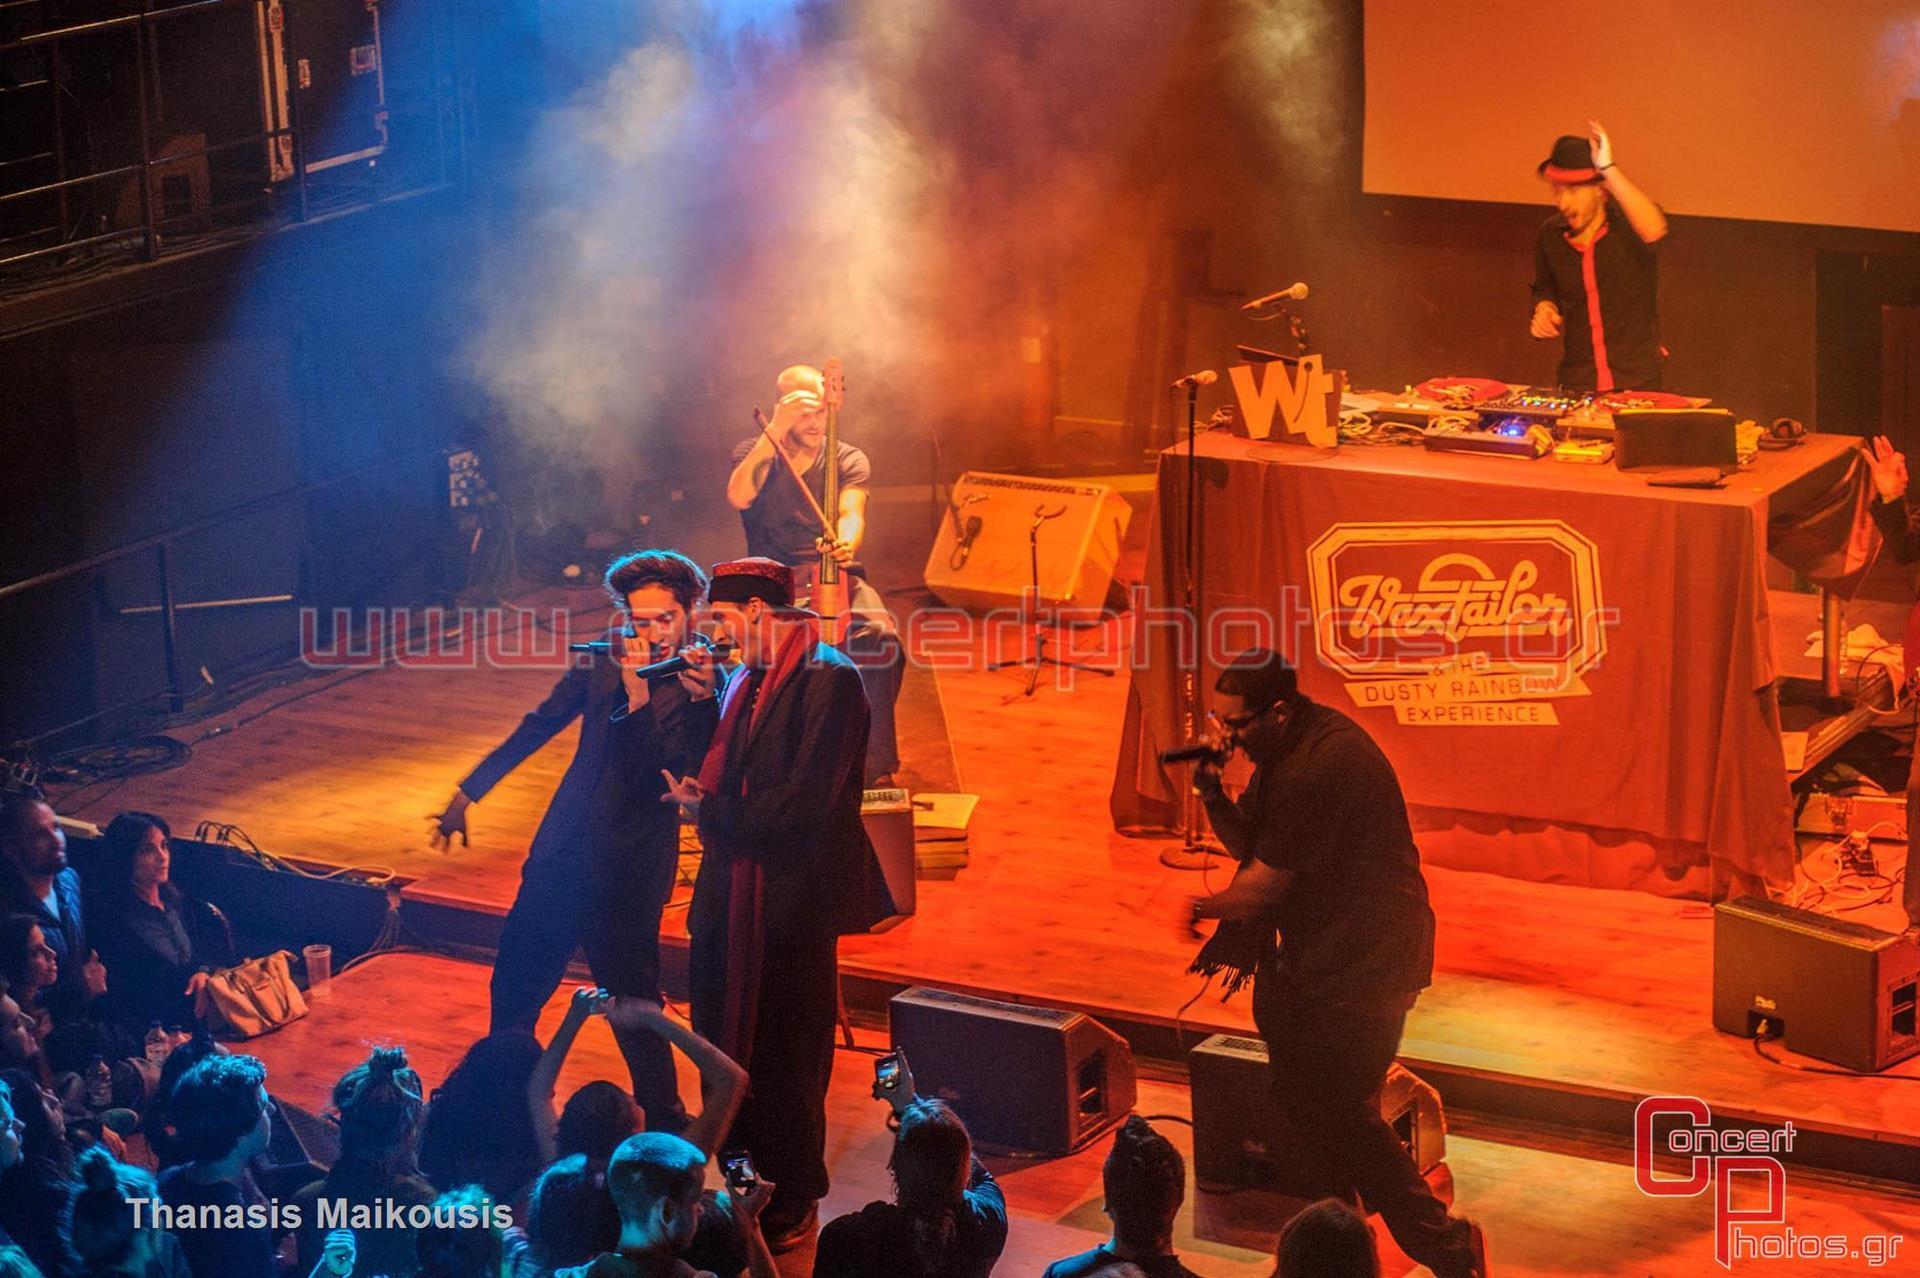 Wax Tailor - photographer: Thanasis Maikousis - ConcertPhotos-8163